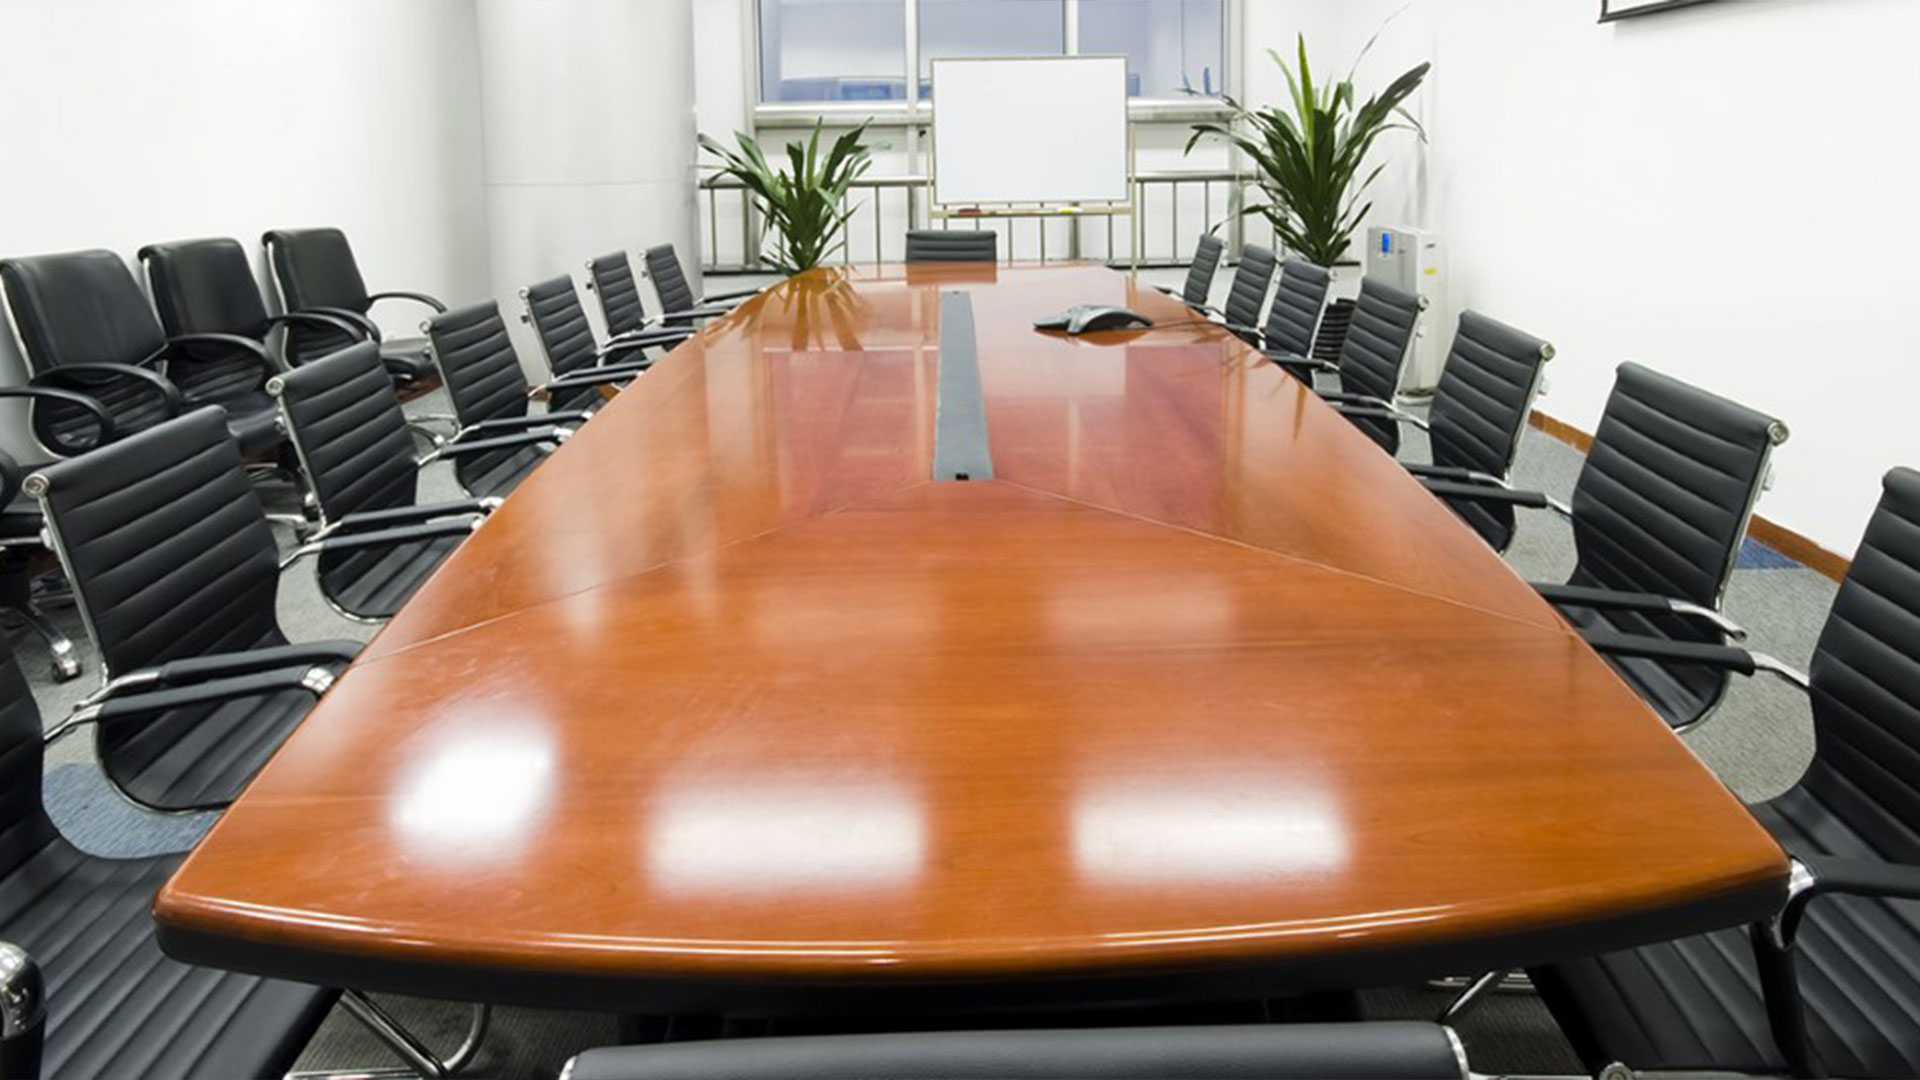 commercial cleaning kelowna penticton vernon kamloops boardroom